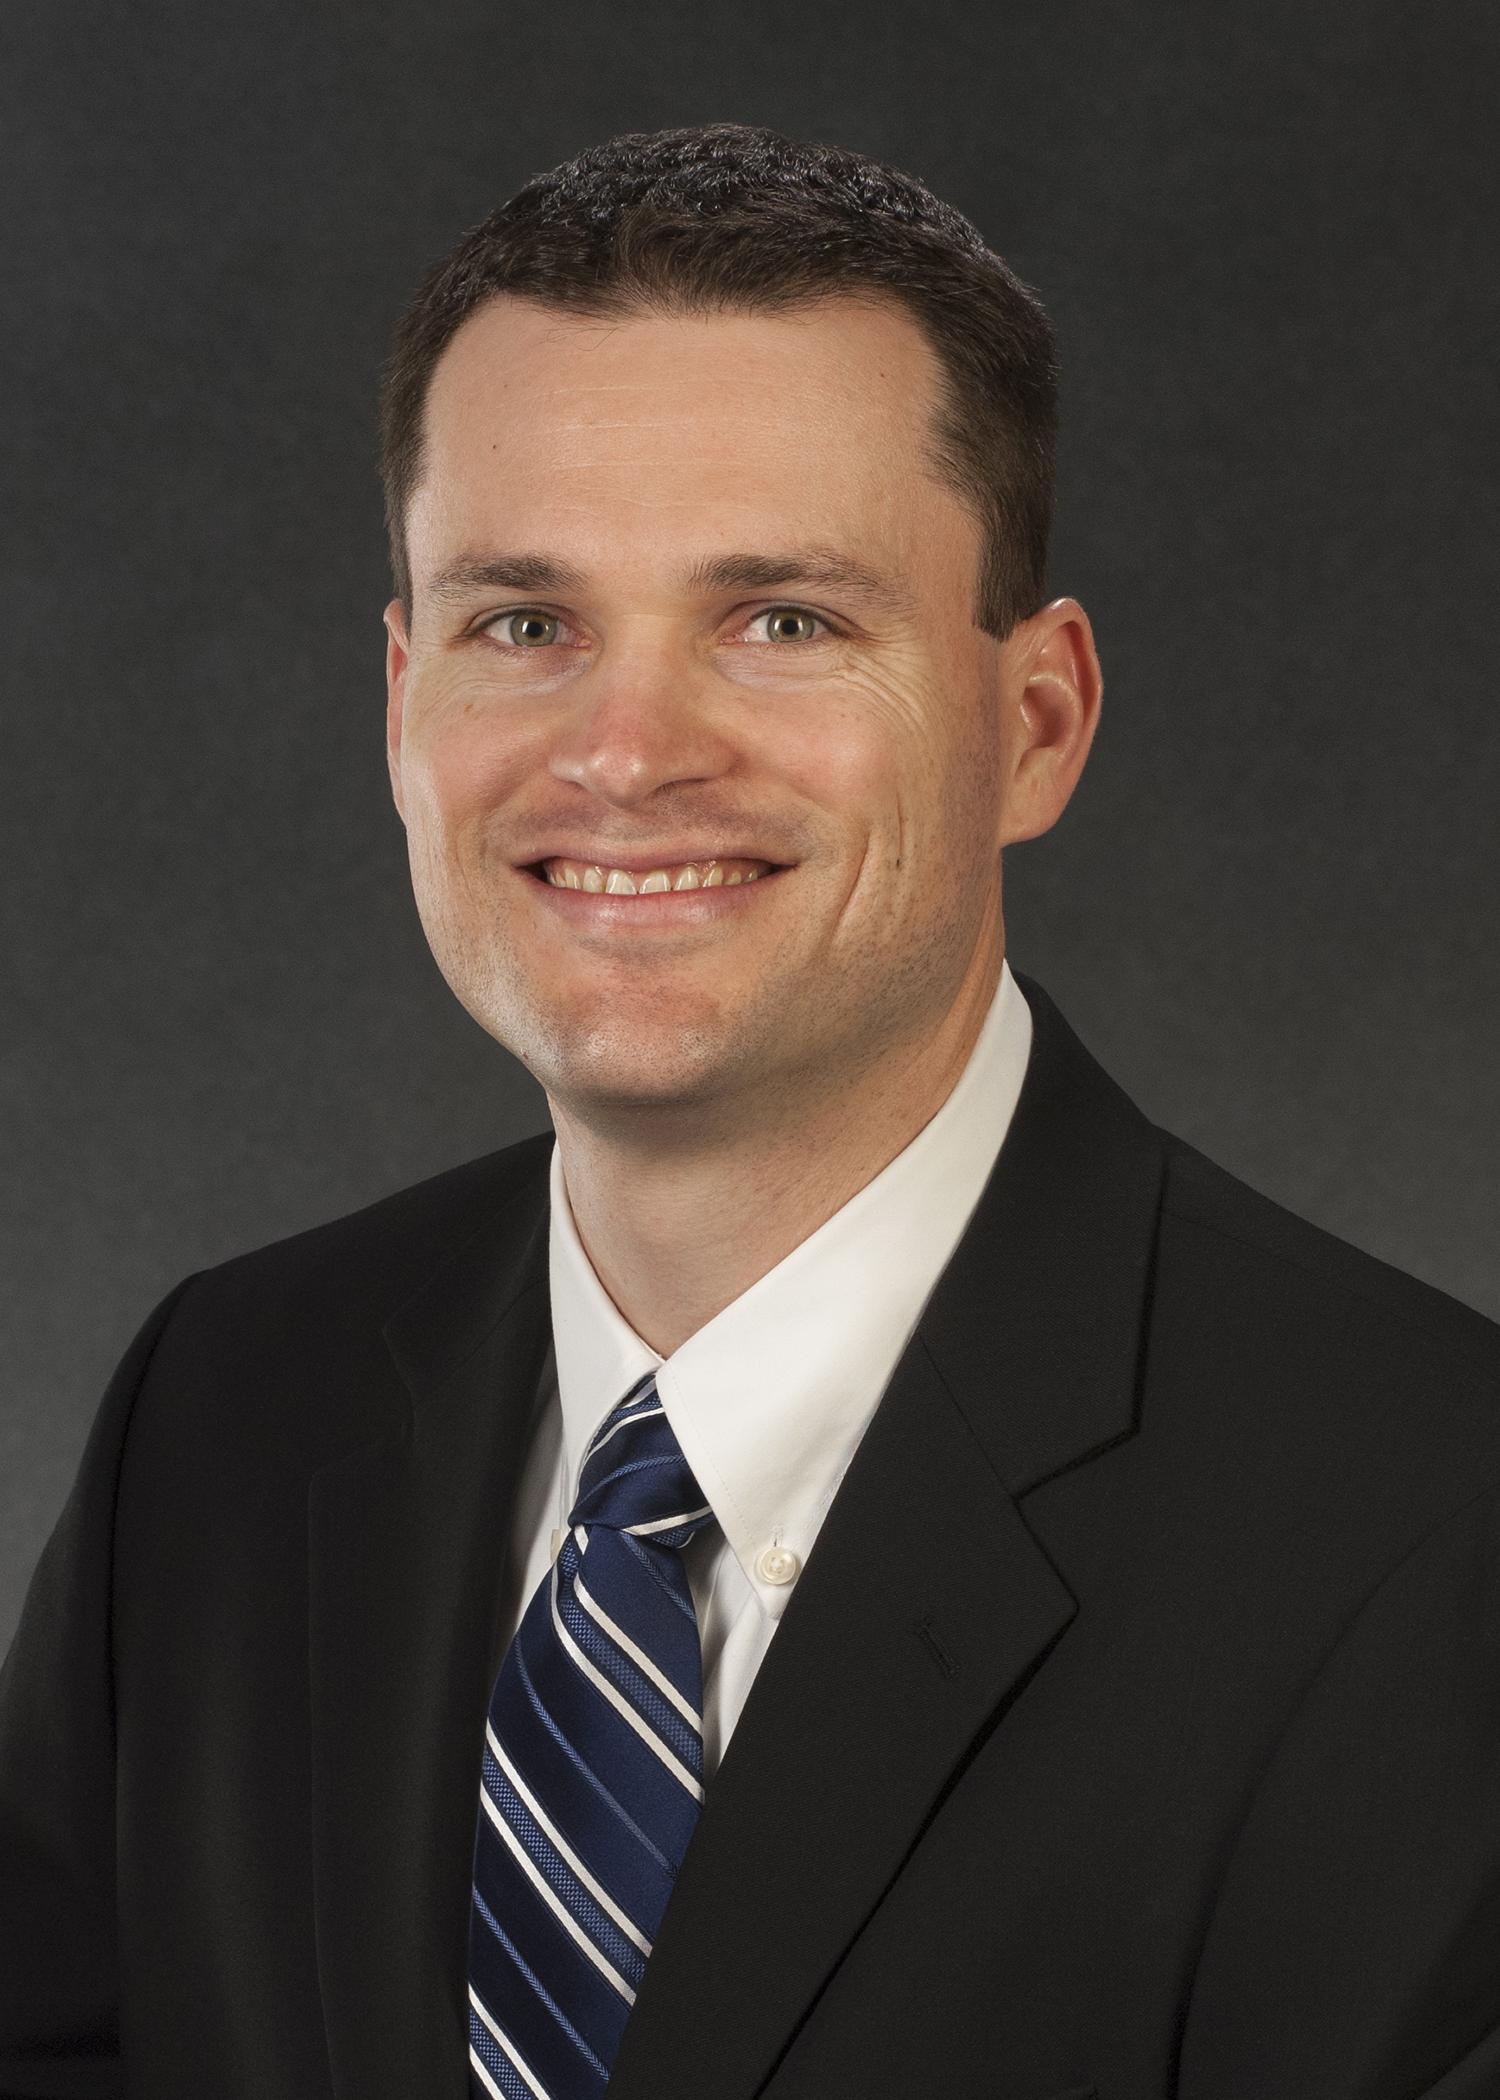 Matt Menze